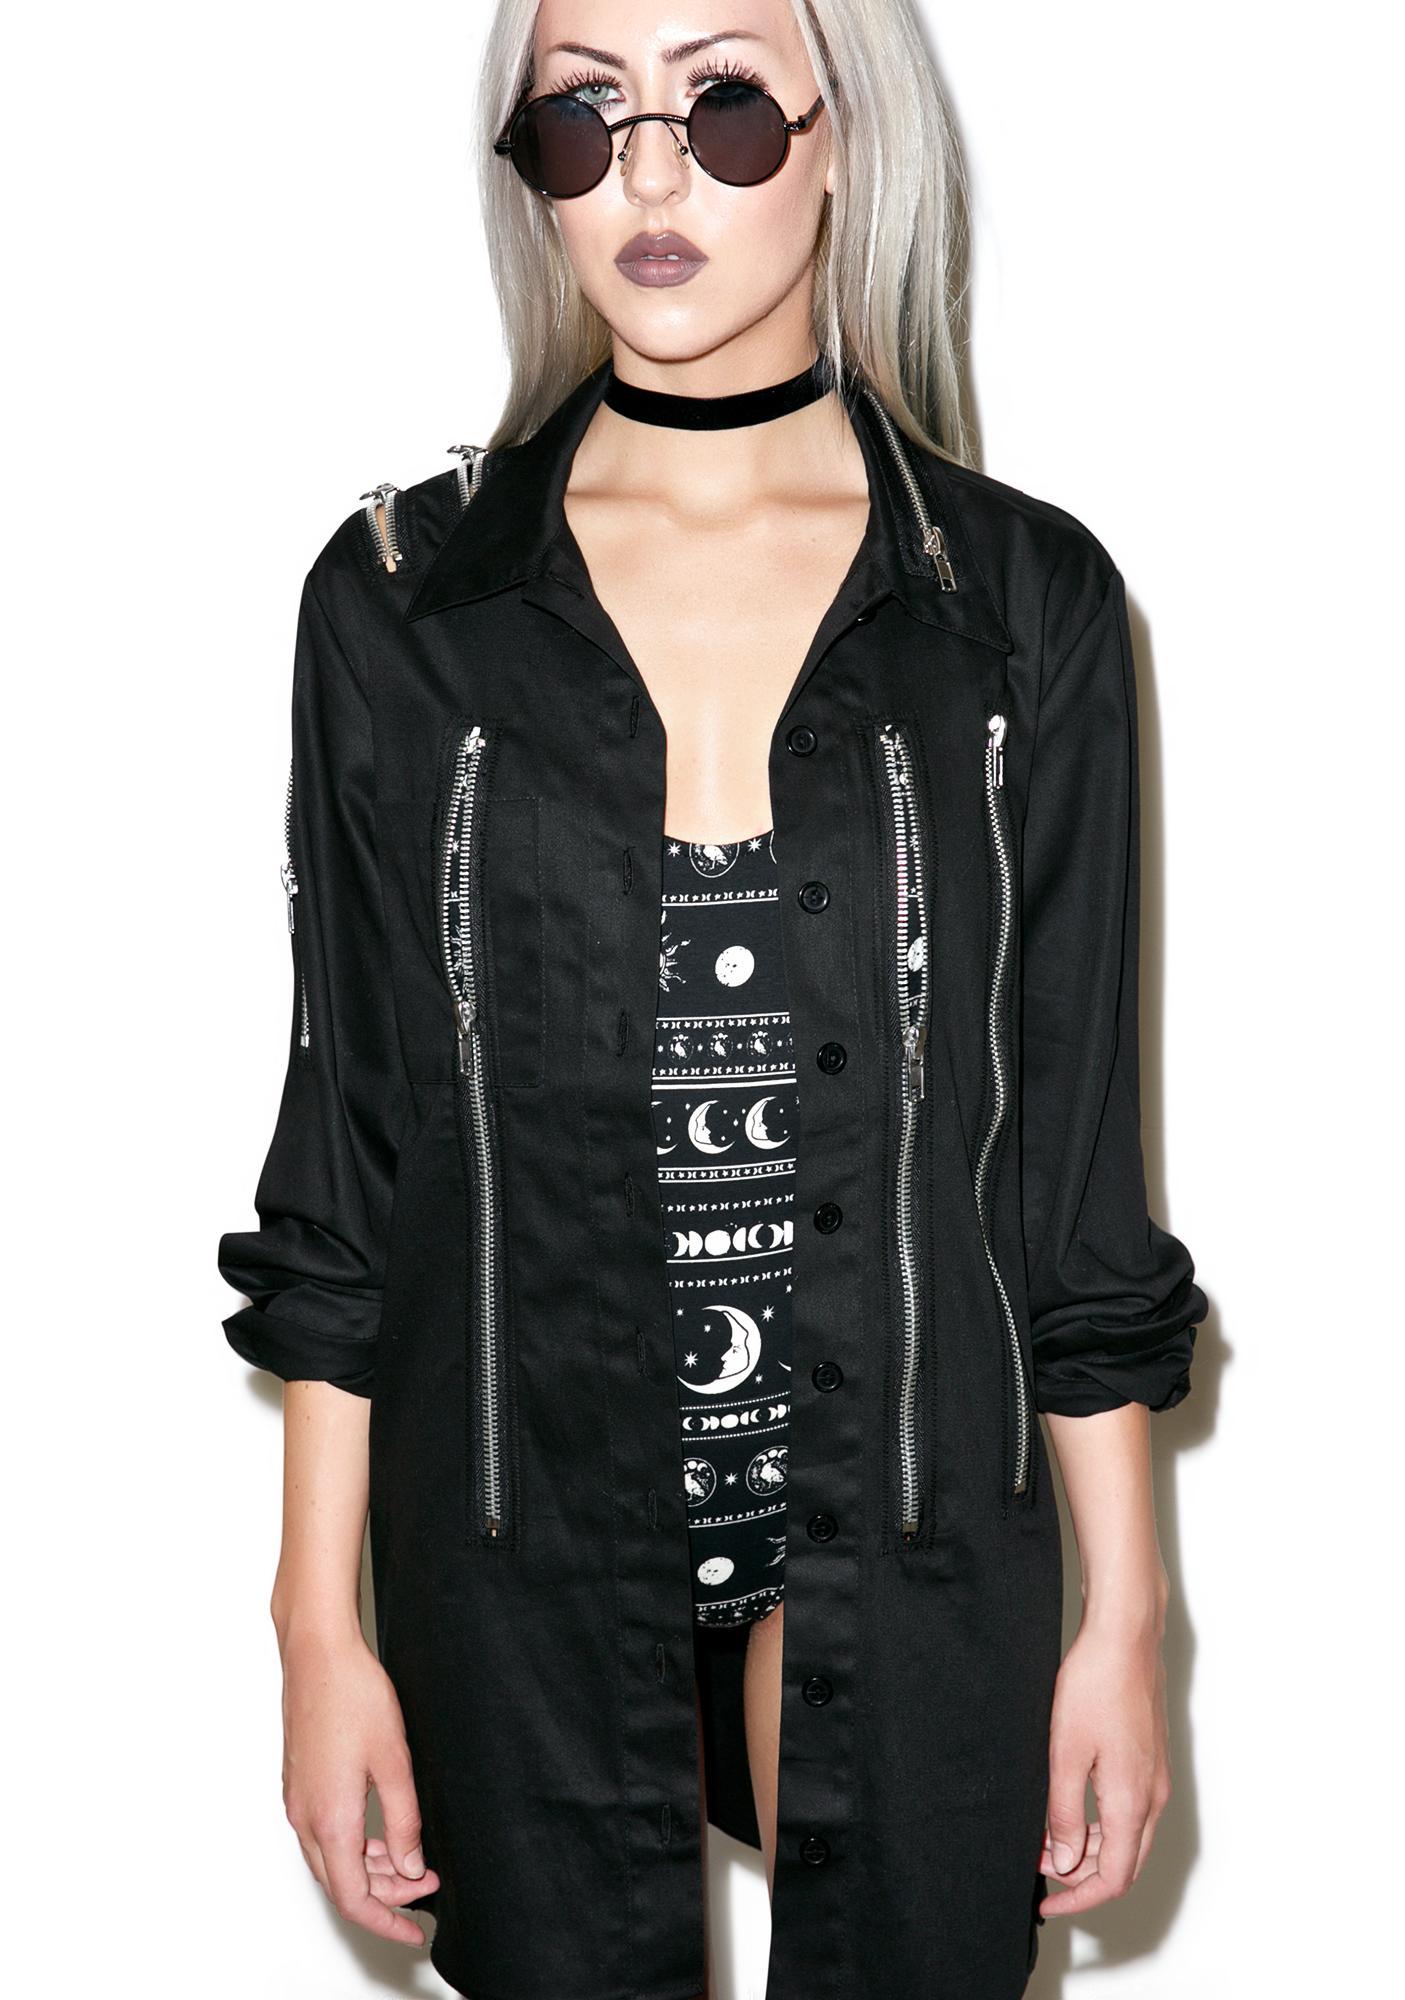 Widow Zipper Head Button Up Top